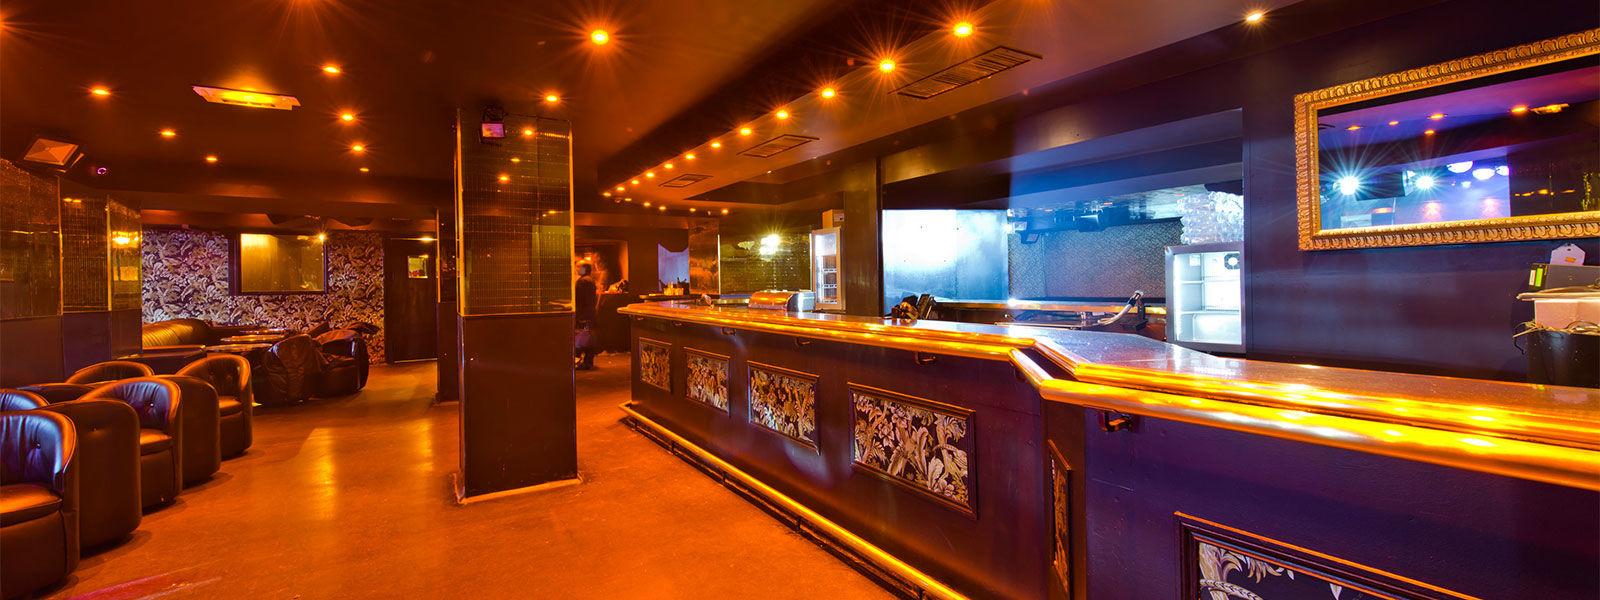 Les Planches - Le bar